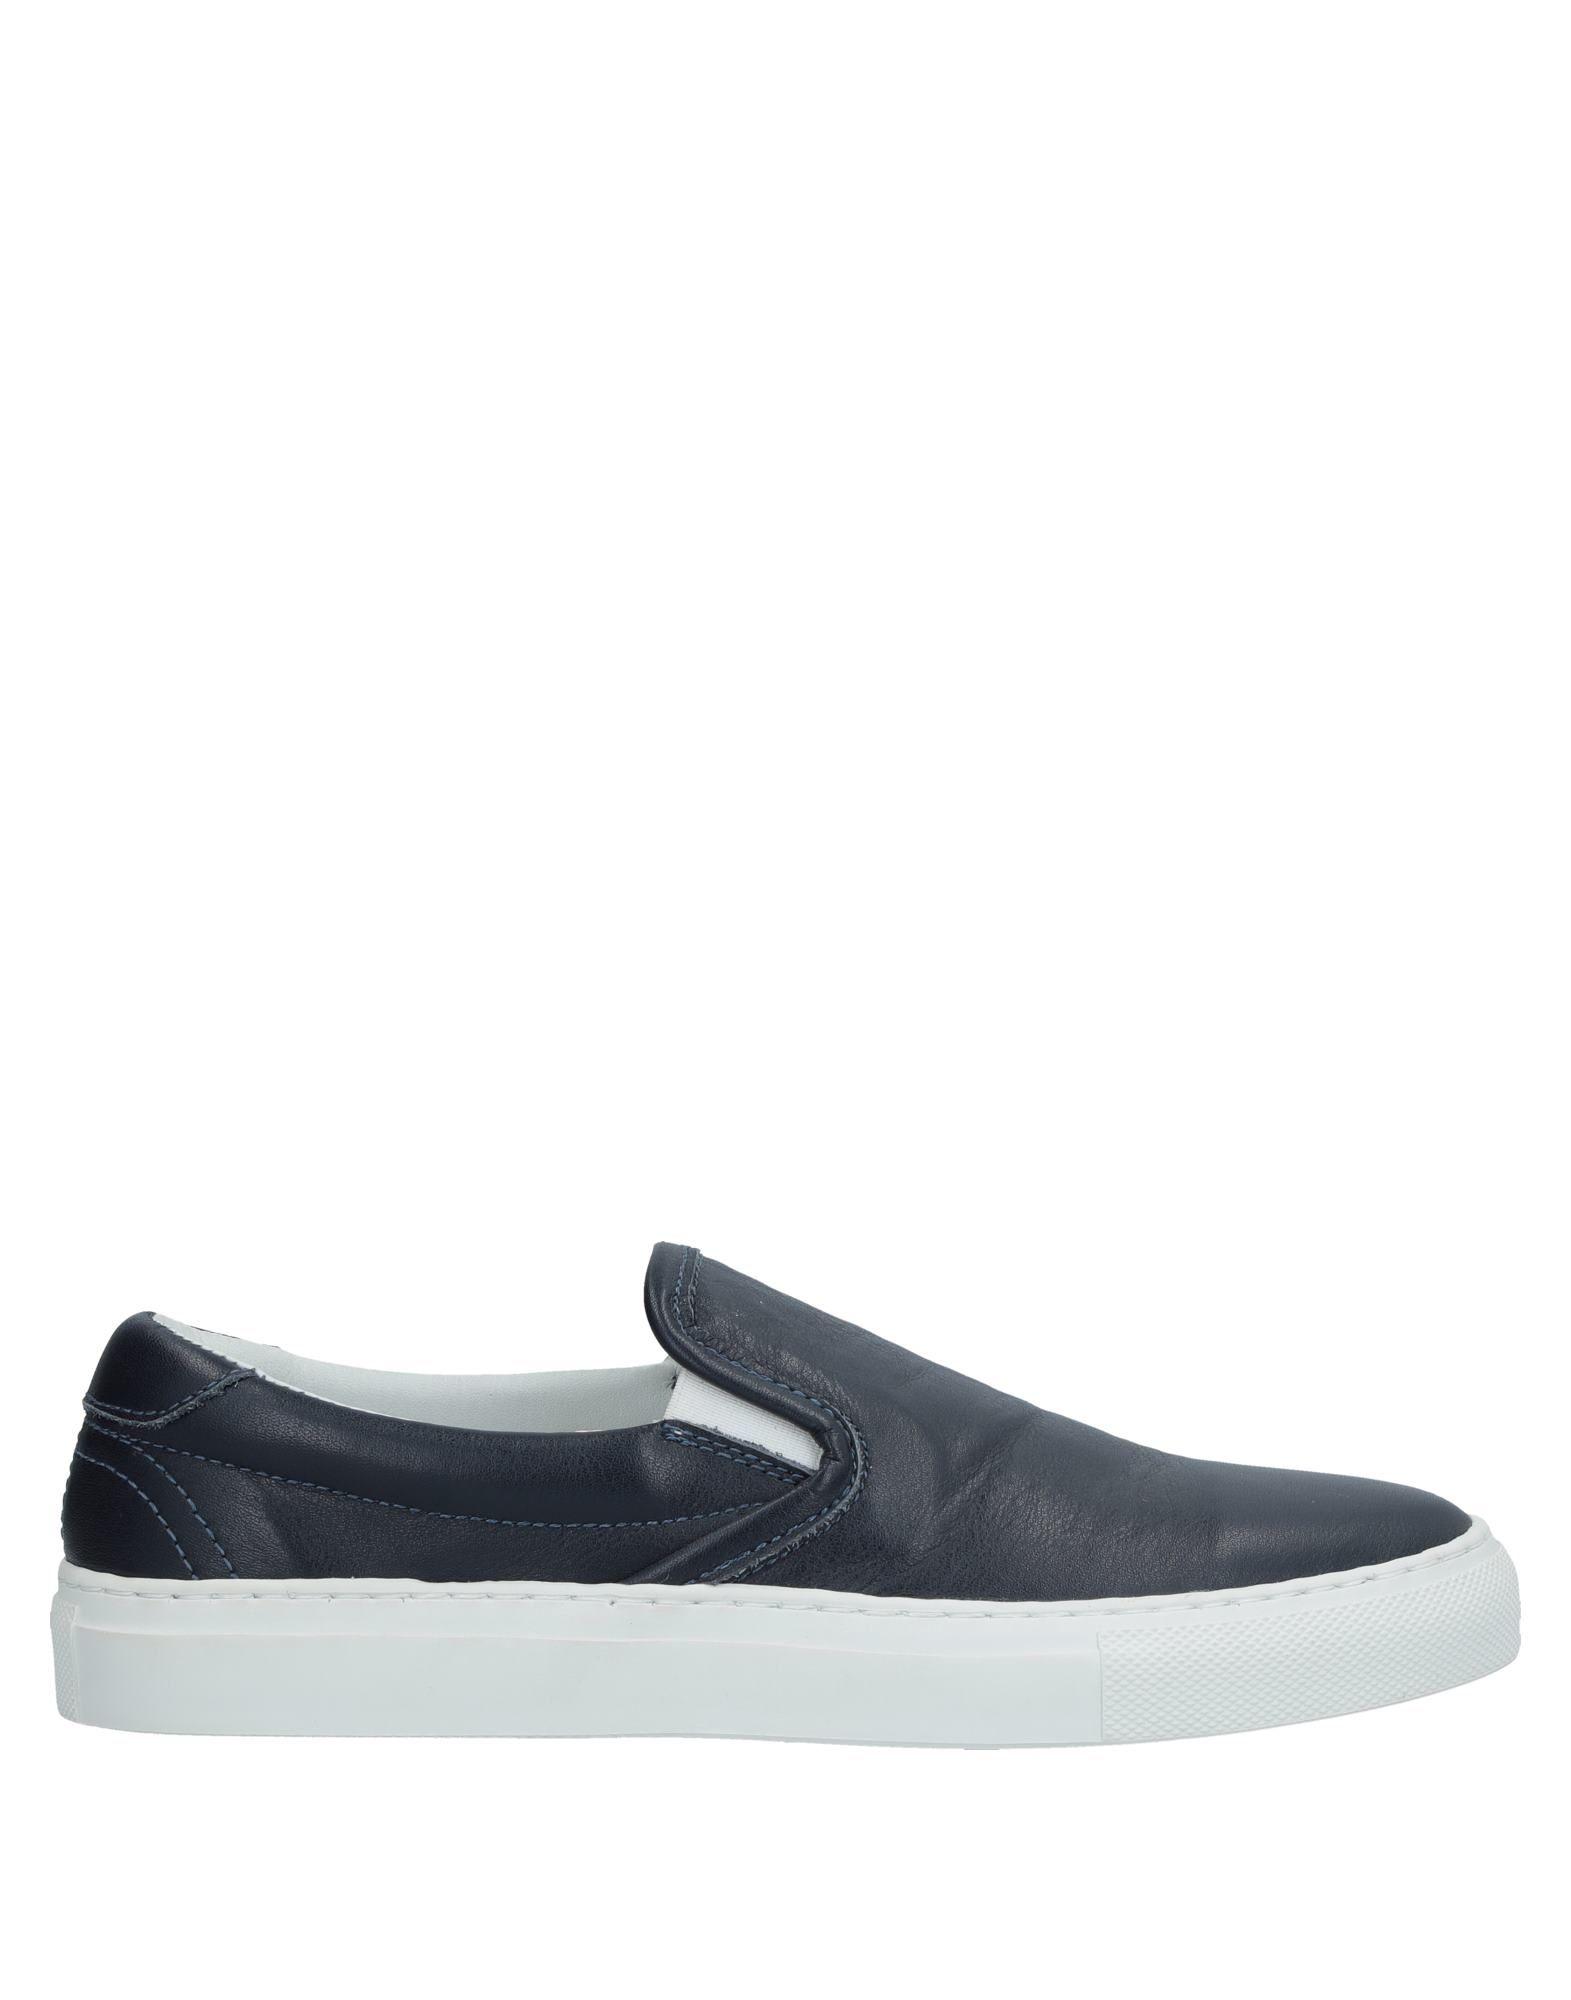 Diemme aussehende Sneakers Damen  11208587EEGut aussehende Diemme strapazierfähige Schuhe b64679